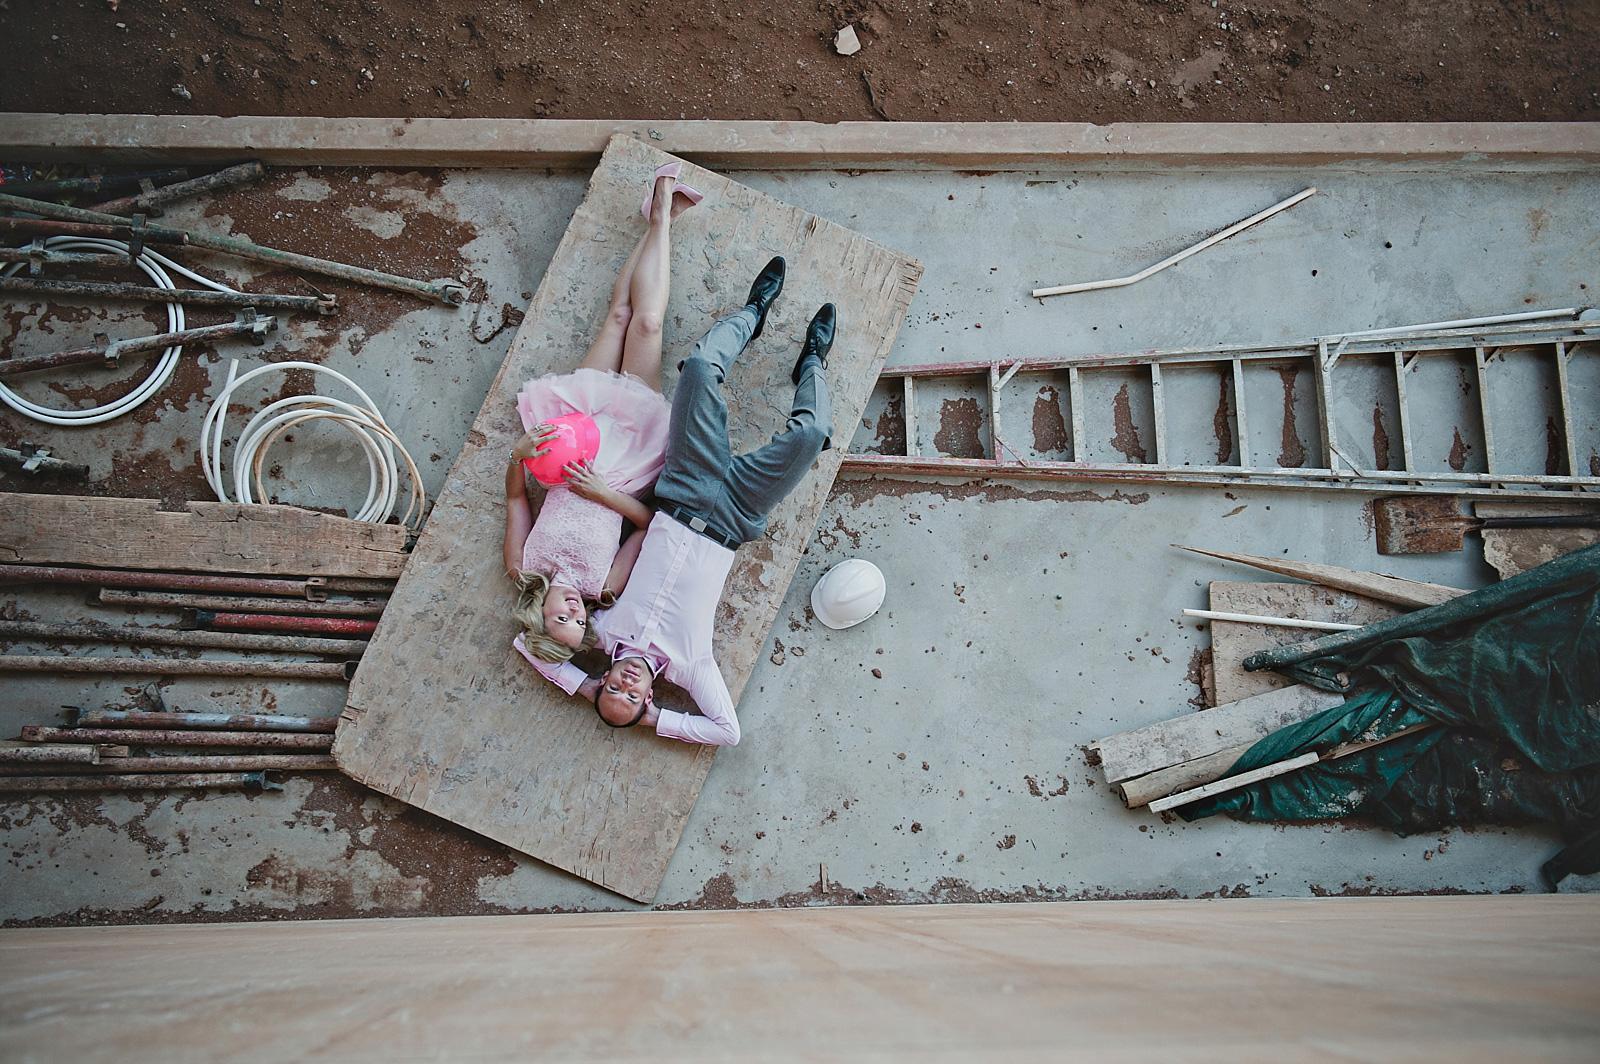 Construction-Site-Engagement-Shoot-Durban-Photographer-Jacki-Bruniquel-01